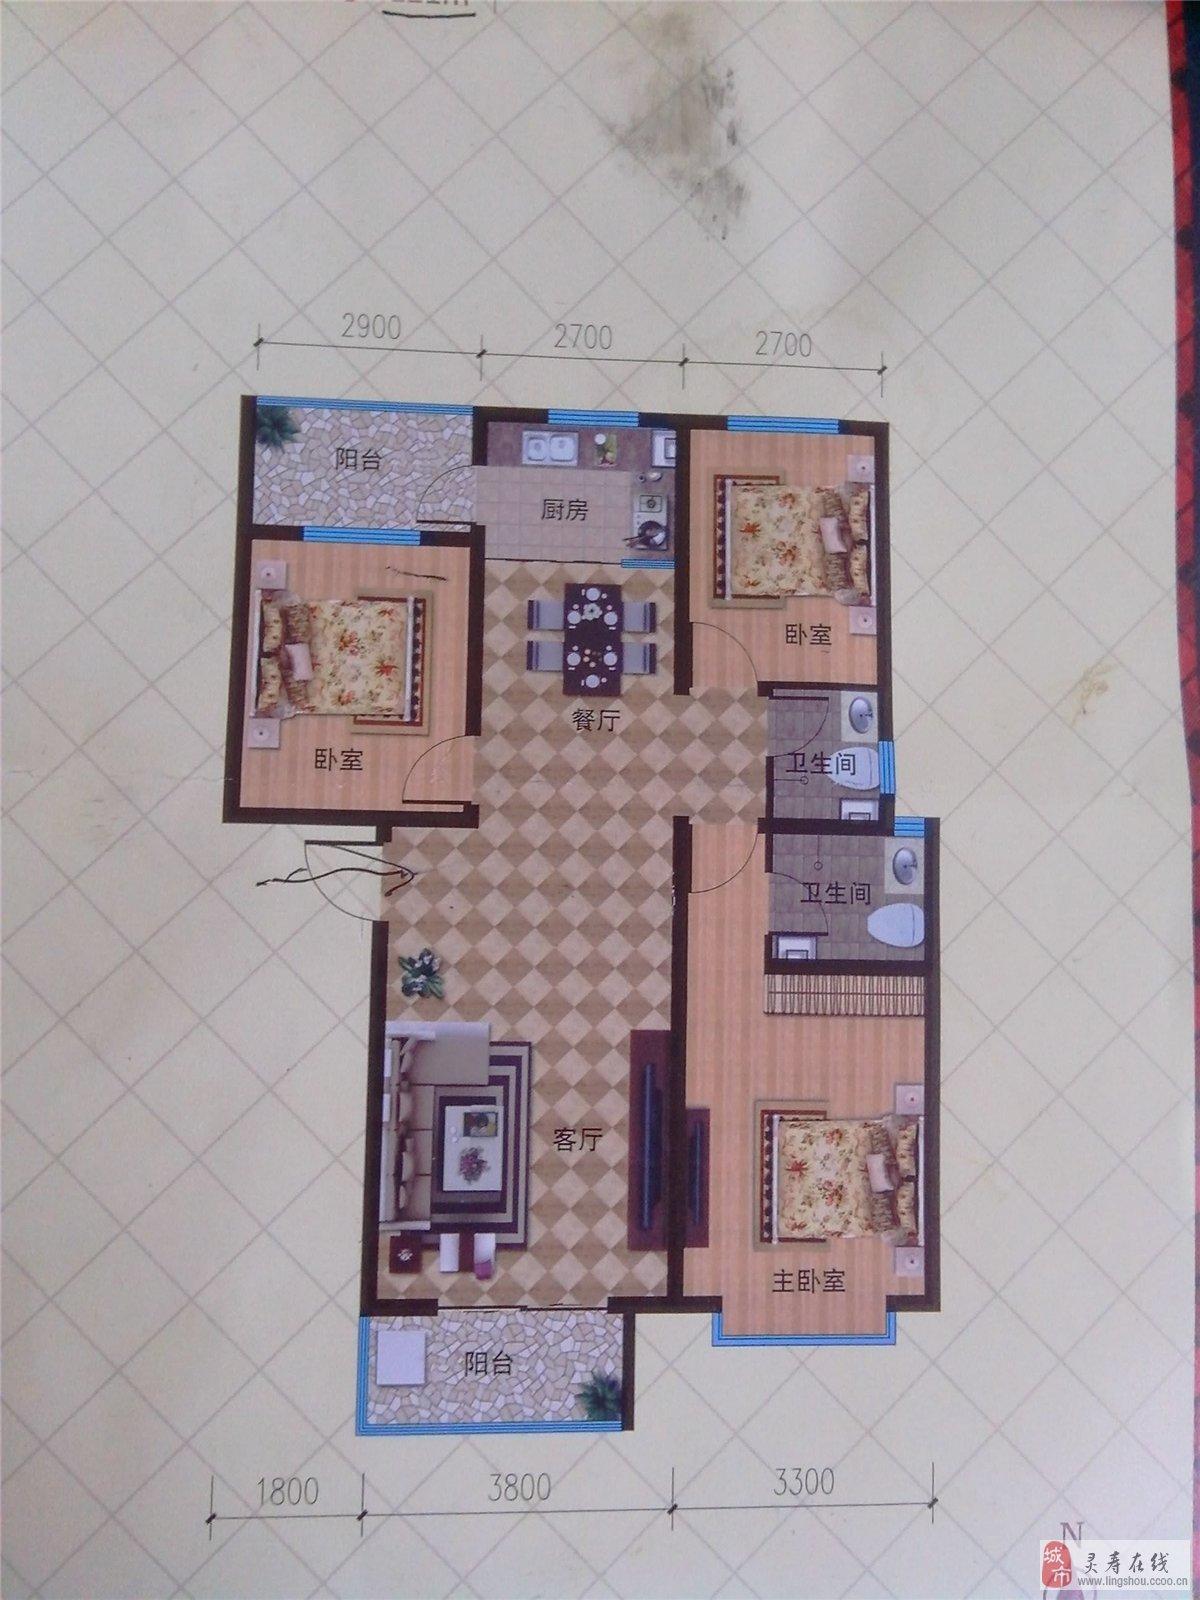 85平米两层楼房设计图-120平方长方形设计图